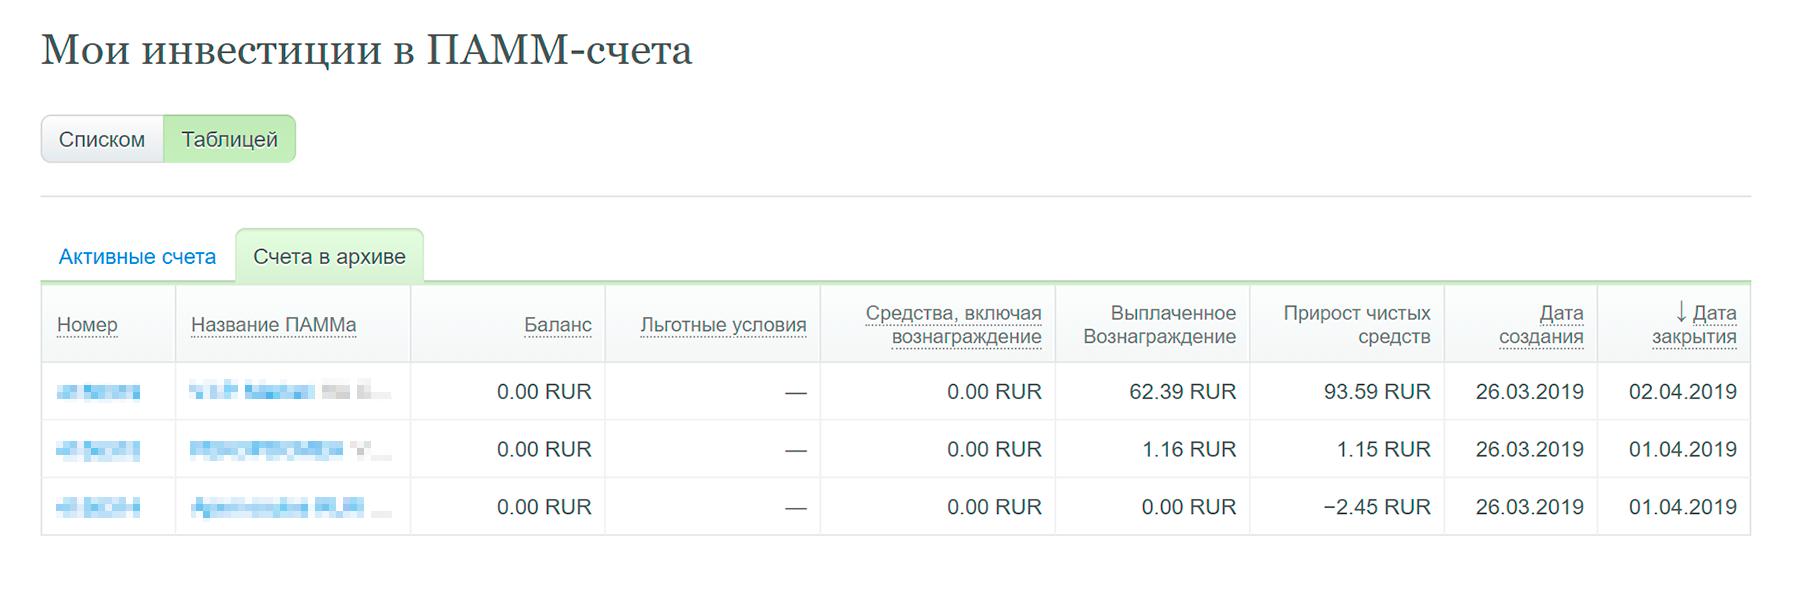 За неделю 10 тысяч инвестиций принесли 92 рубля 30 копеек. С одной стороны, это примерно 48% годовых, с другой — выигрыш в казино вряд ли имеет смысл переводить в проценты дохода